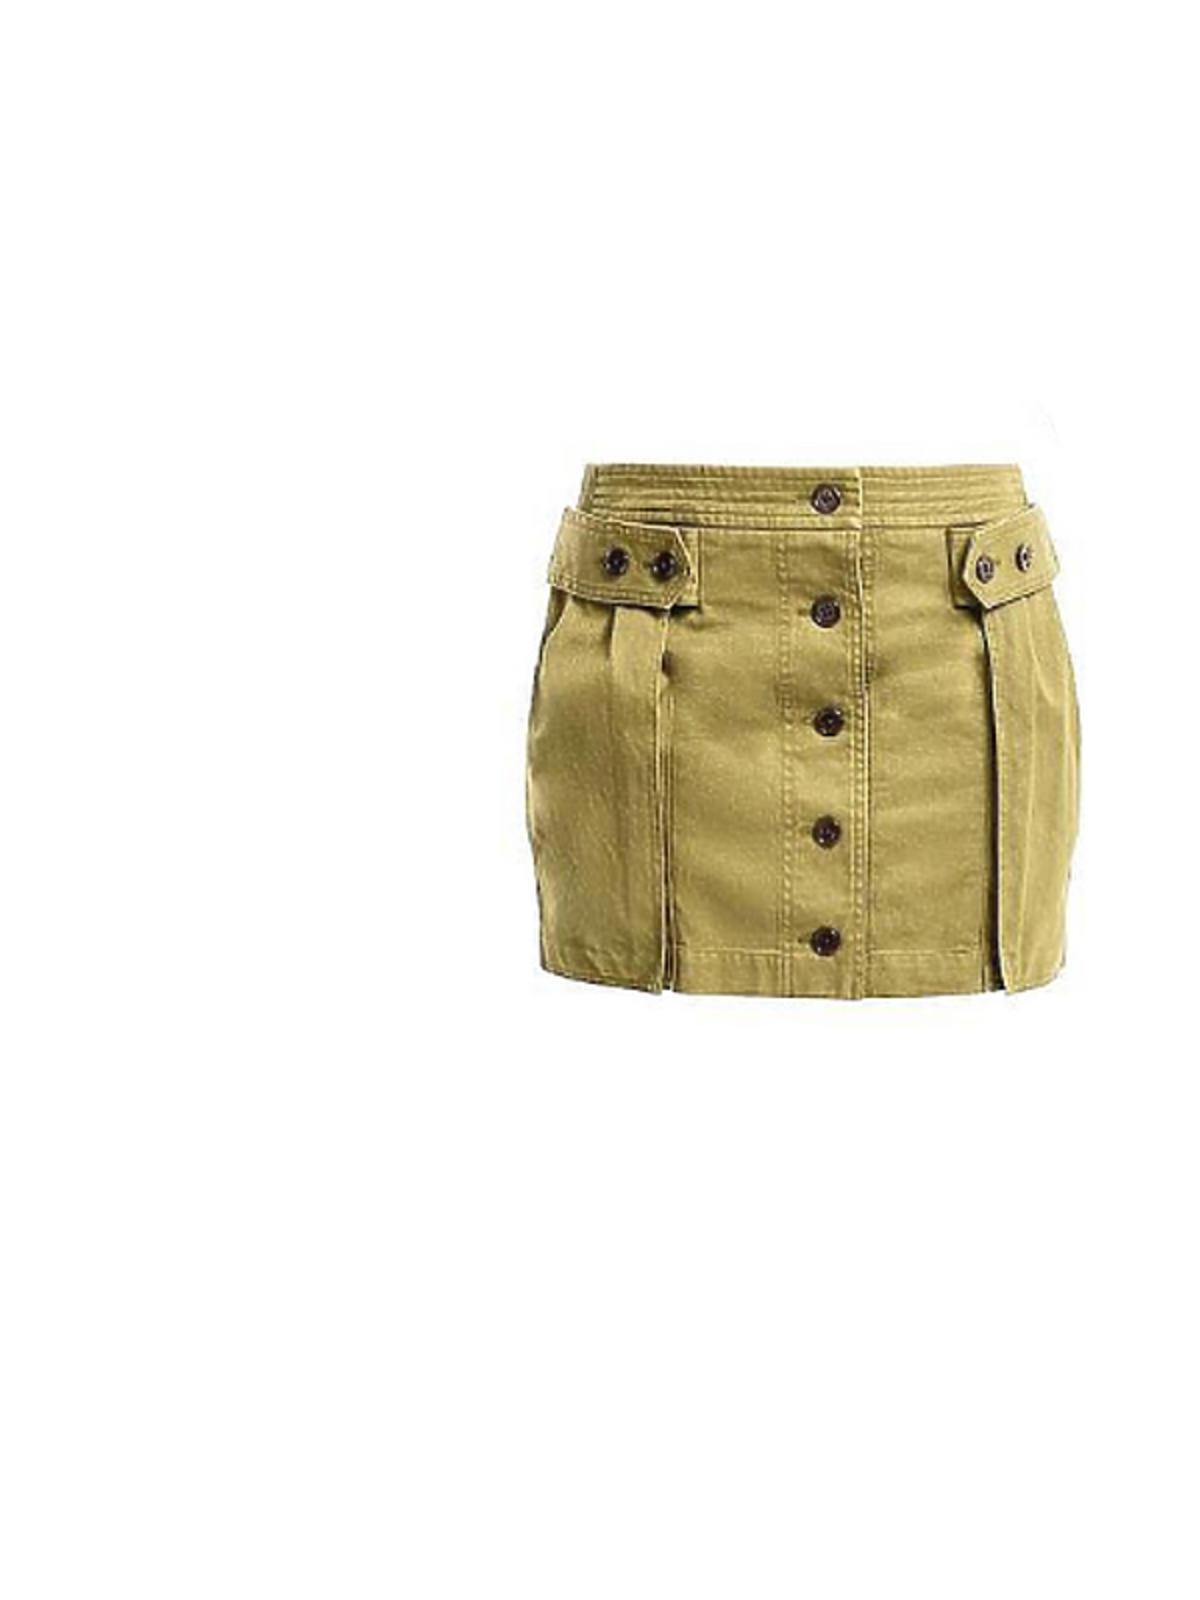 Ania Lewandowska założyła spódniczkę od Yves Saint Laurent. Jej cena to ok. 2900 złotych.